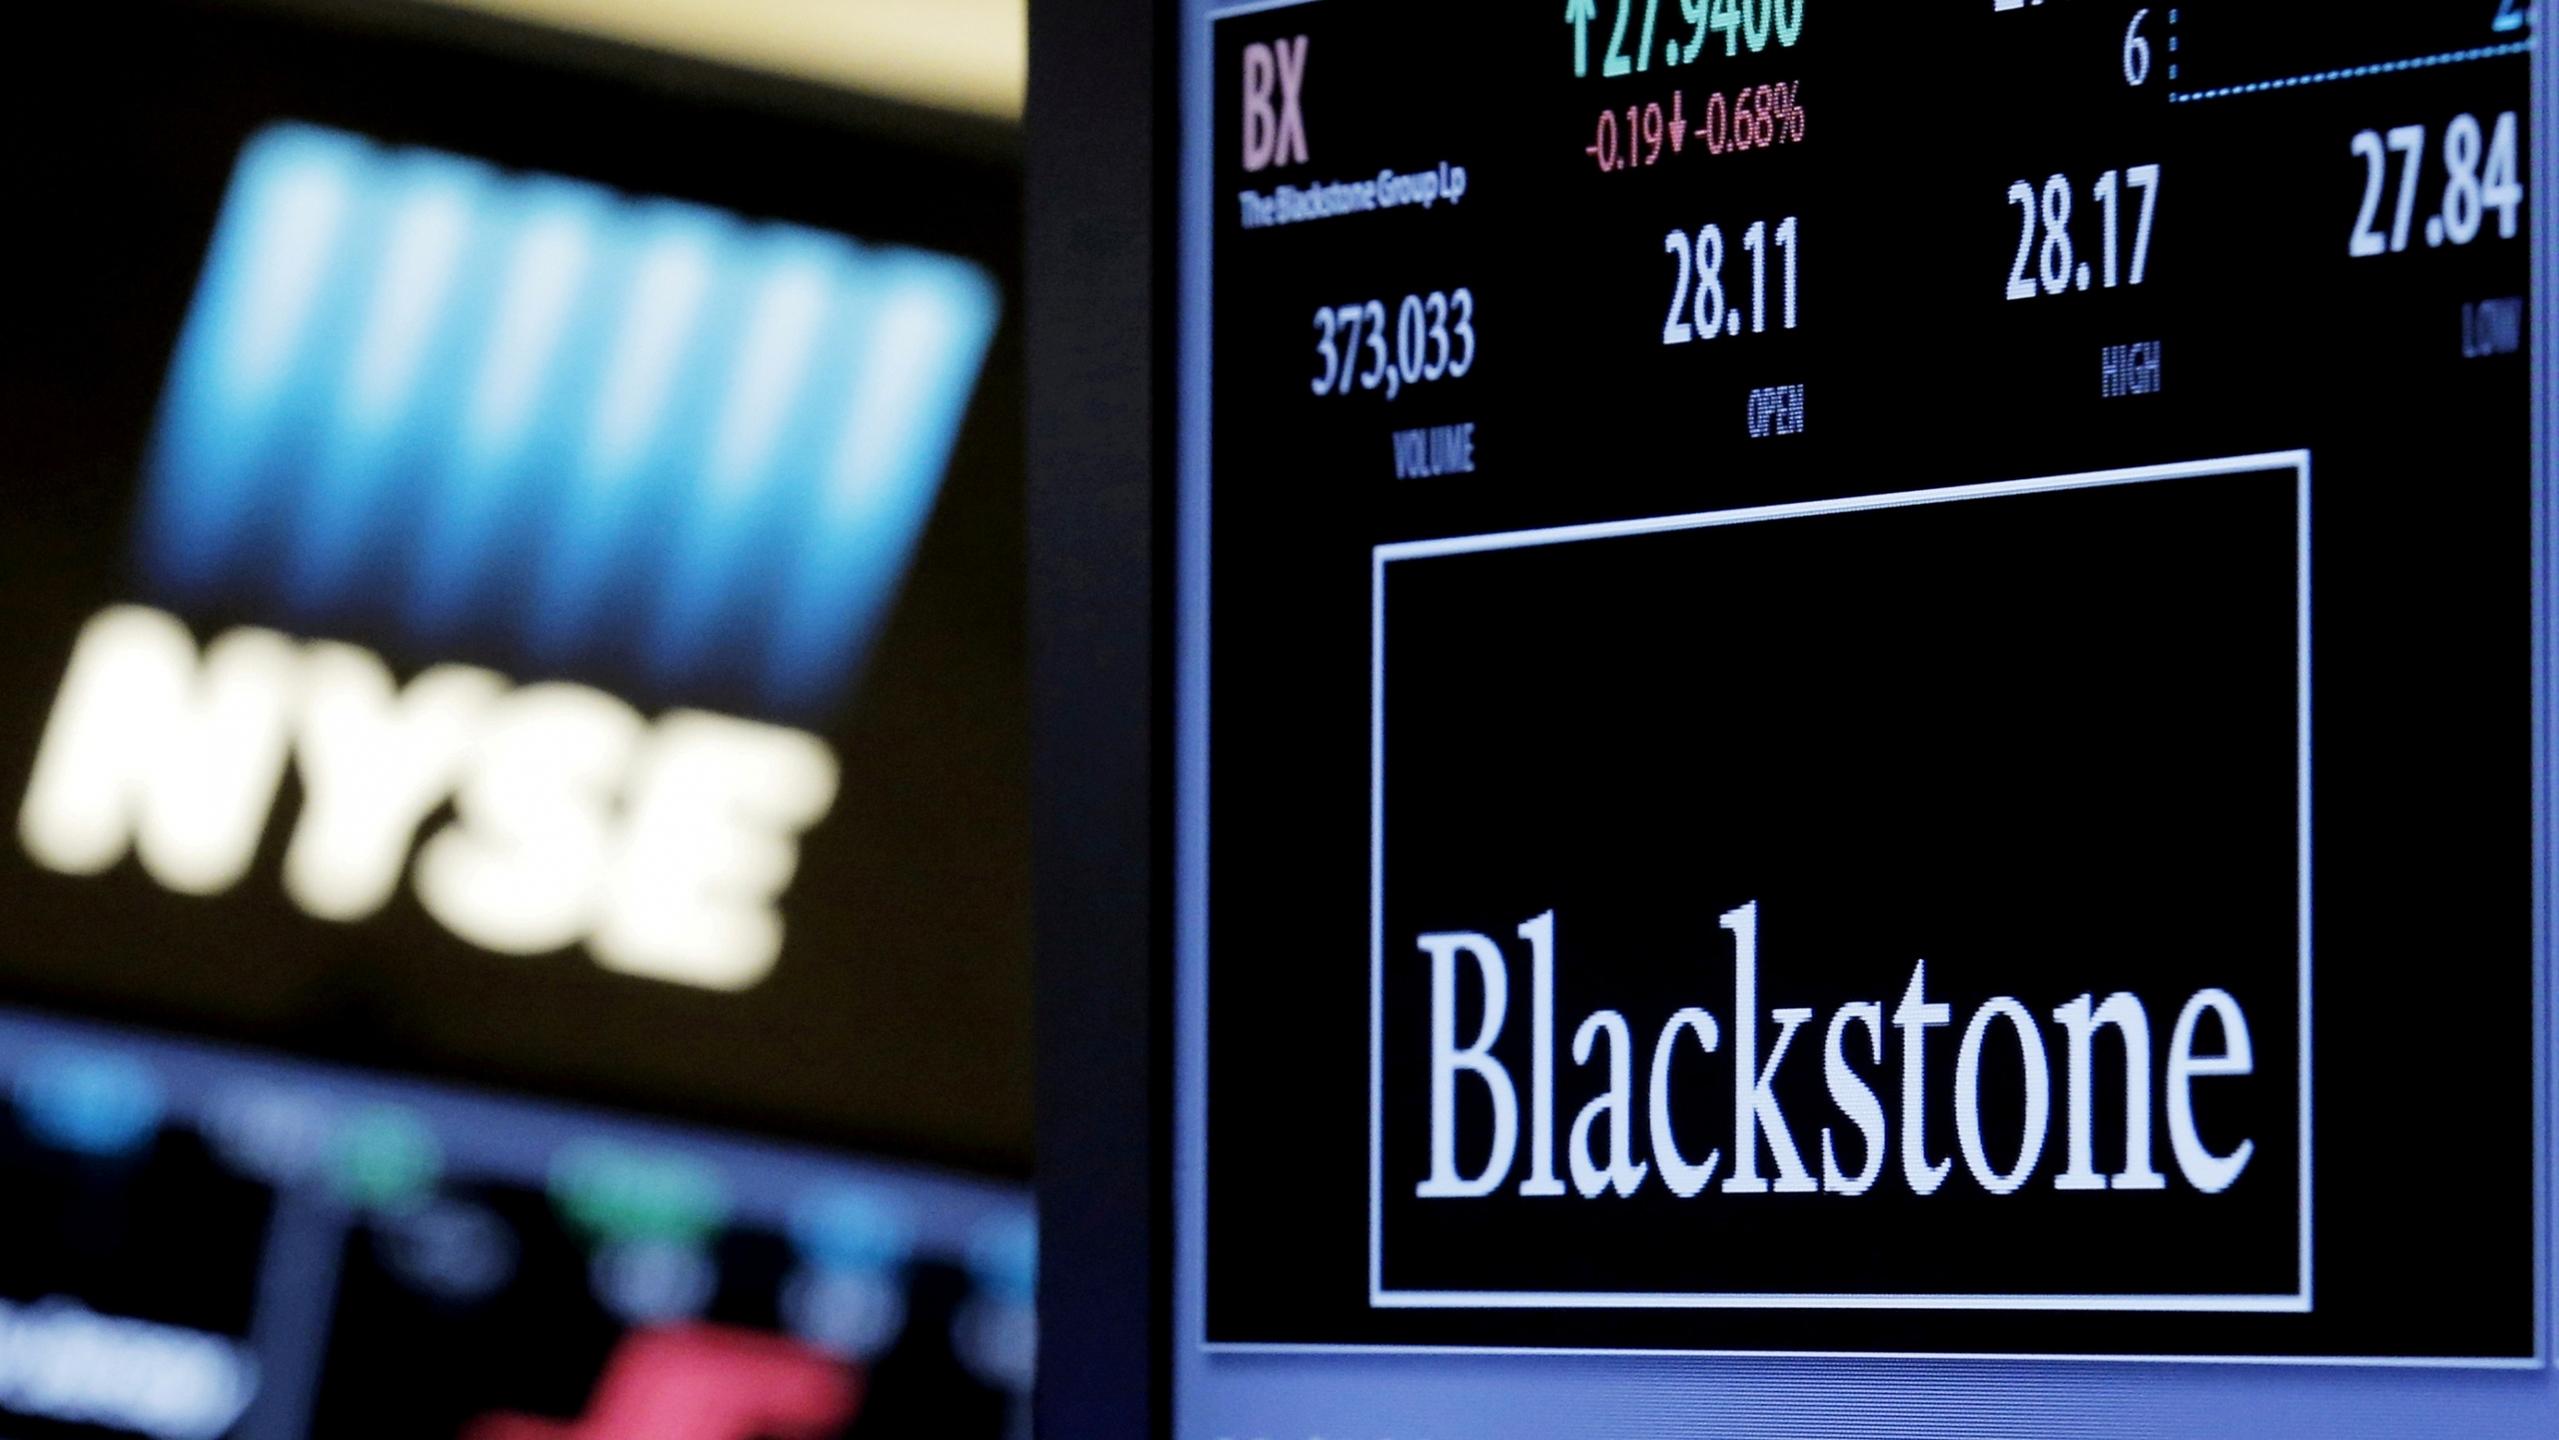 Blackstone entra a México y recauda 695 mdd de Afores